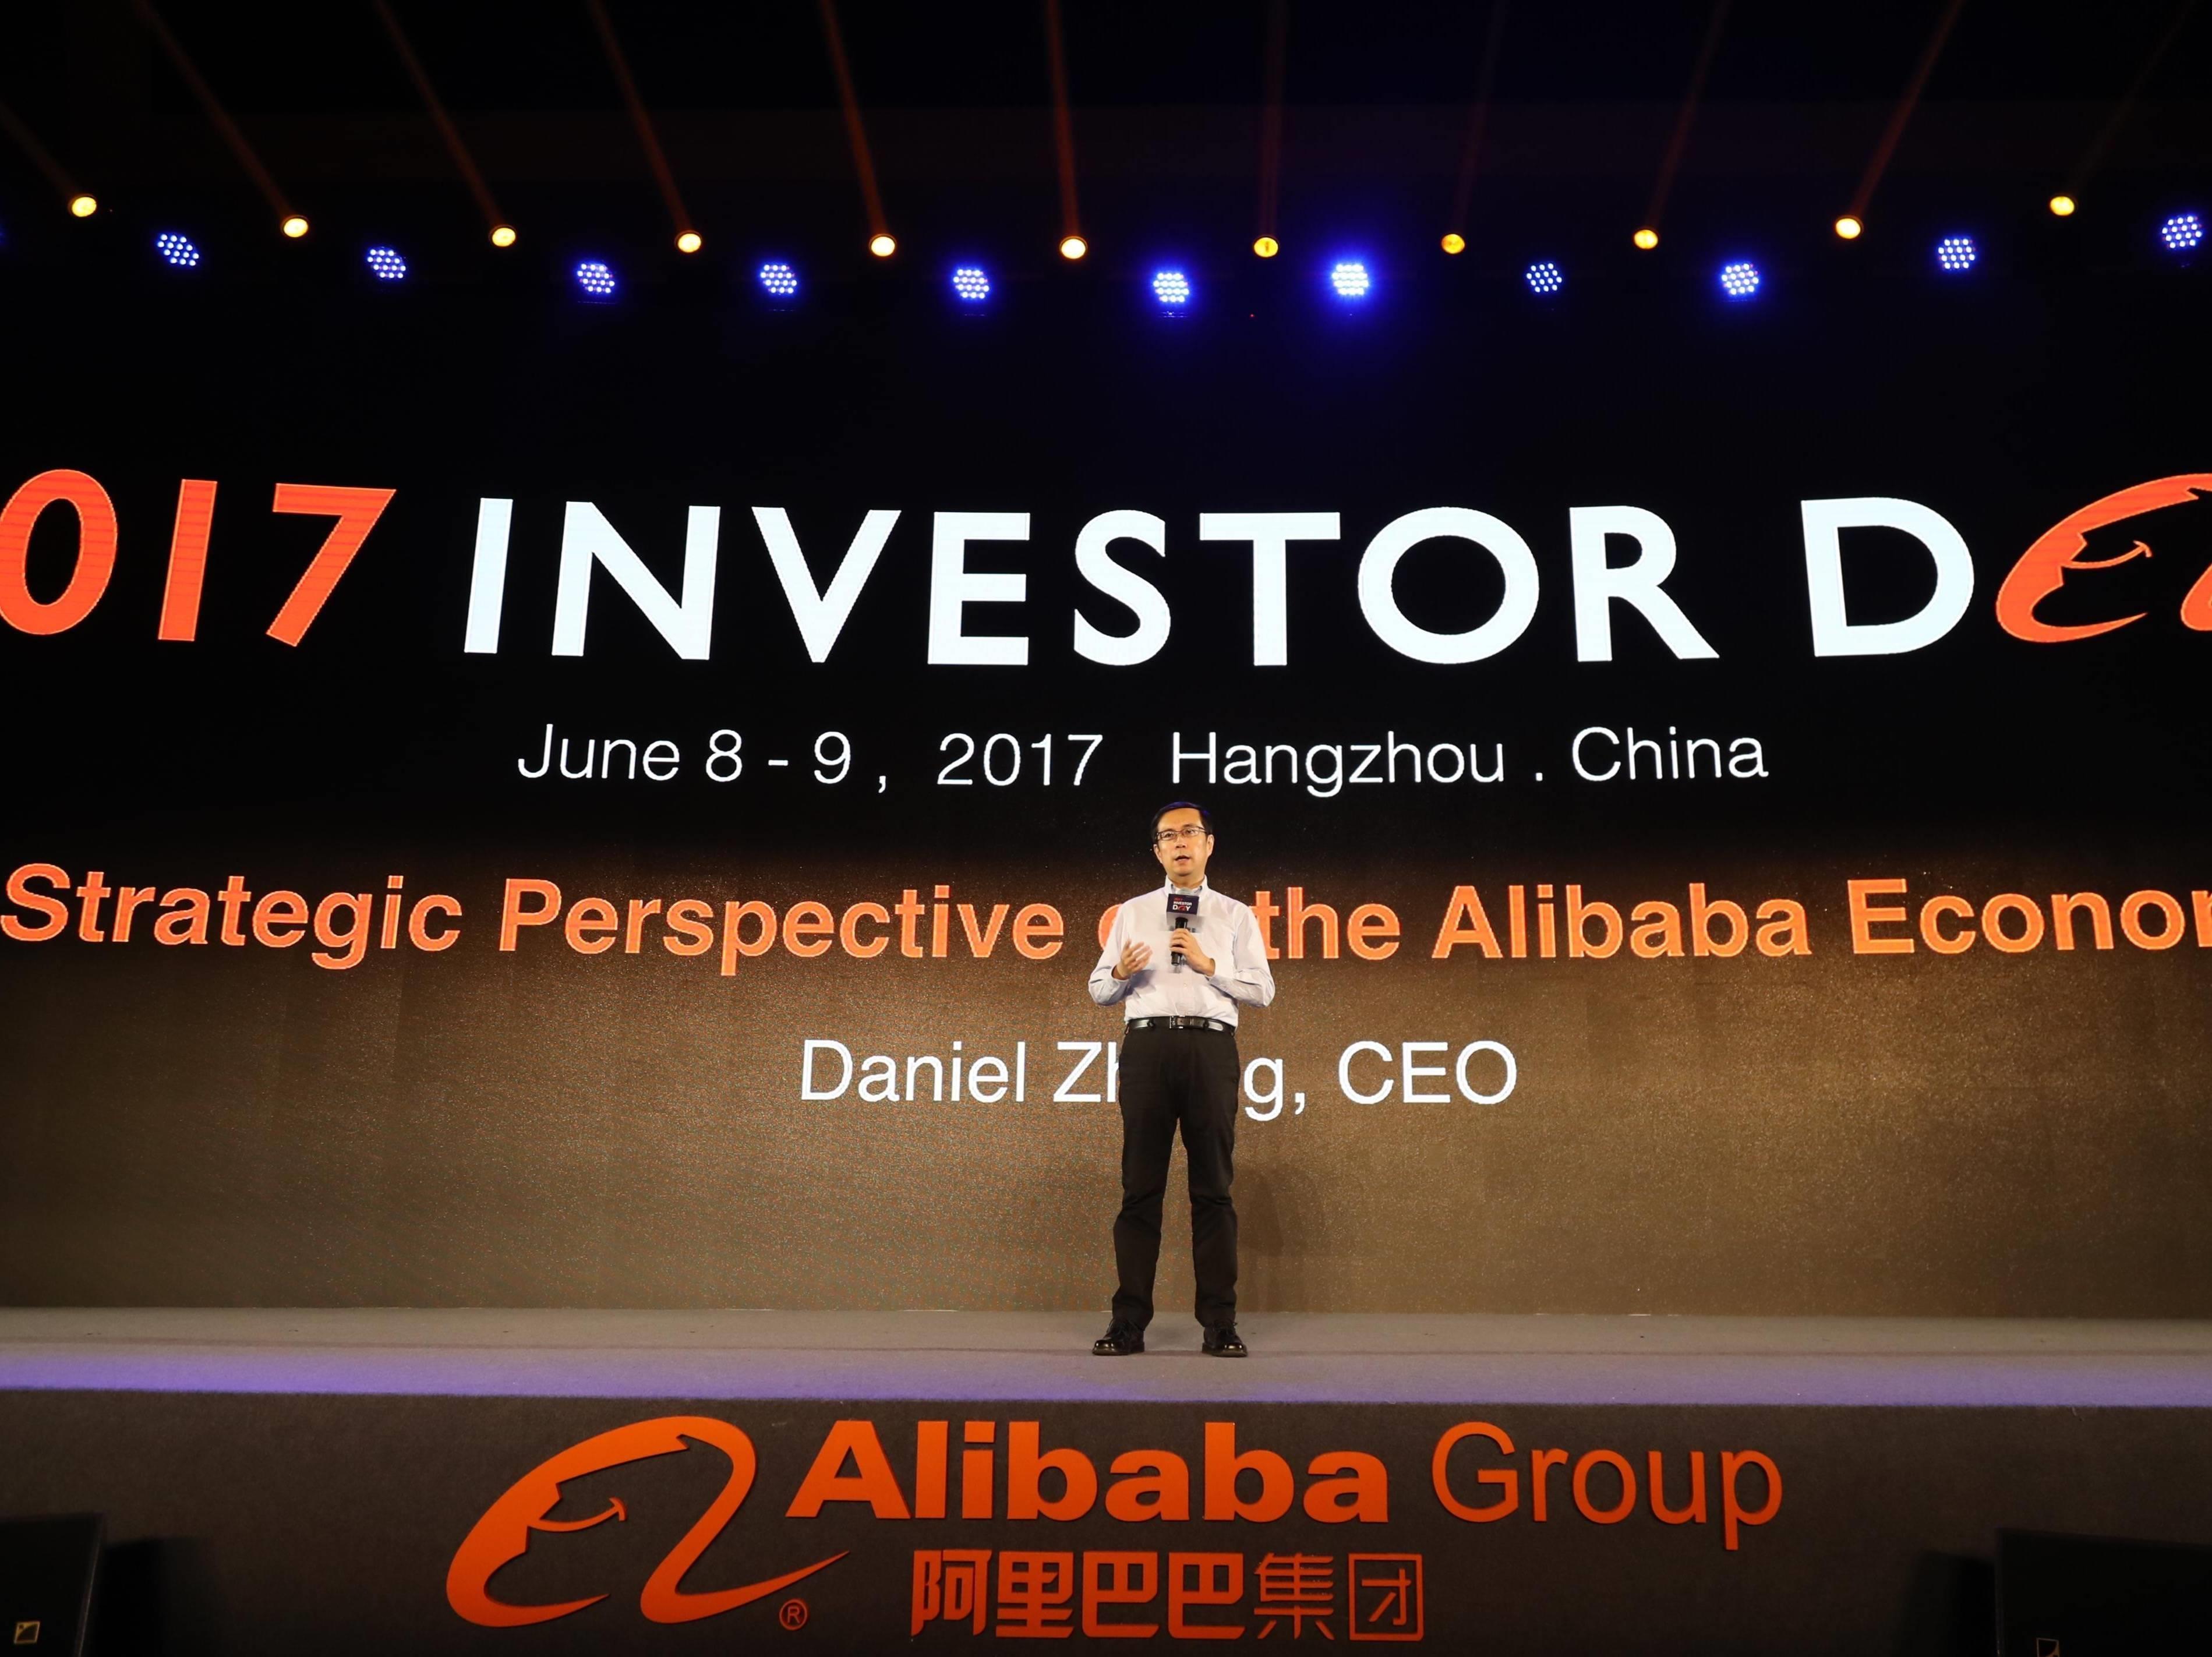 阿里巴巴股价暴涨13%:超腾讯登顶亚洲市值最高公司